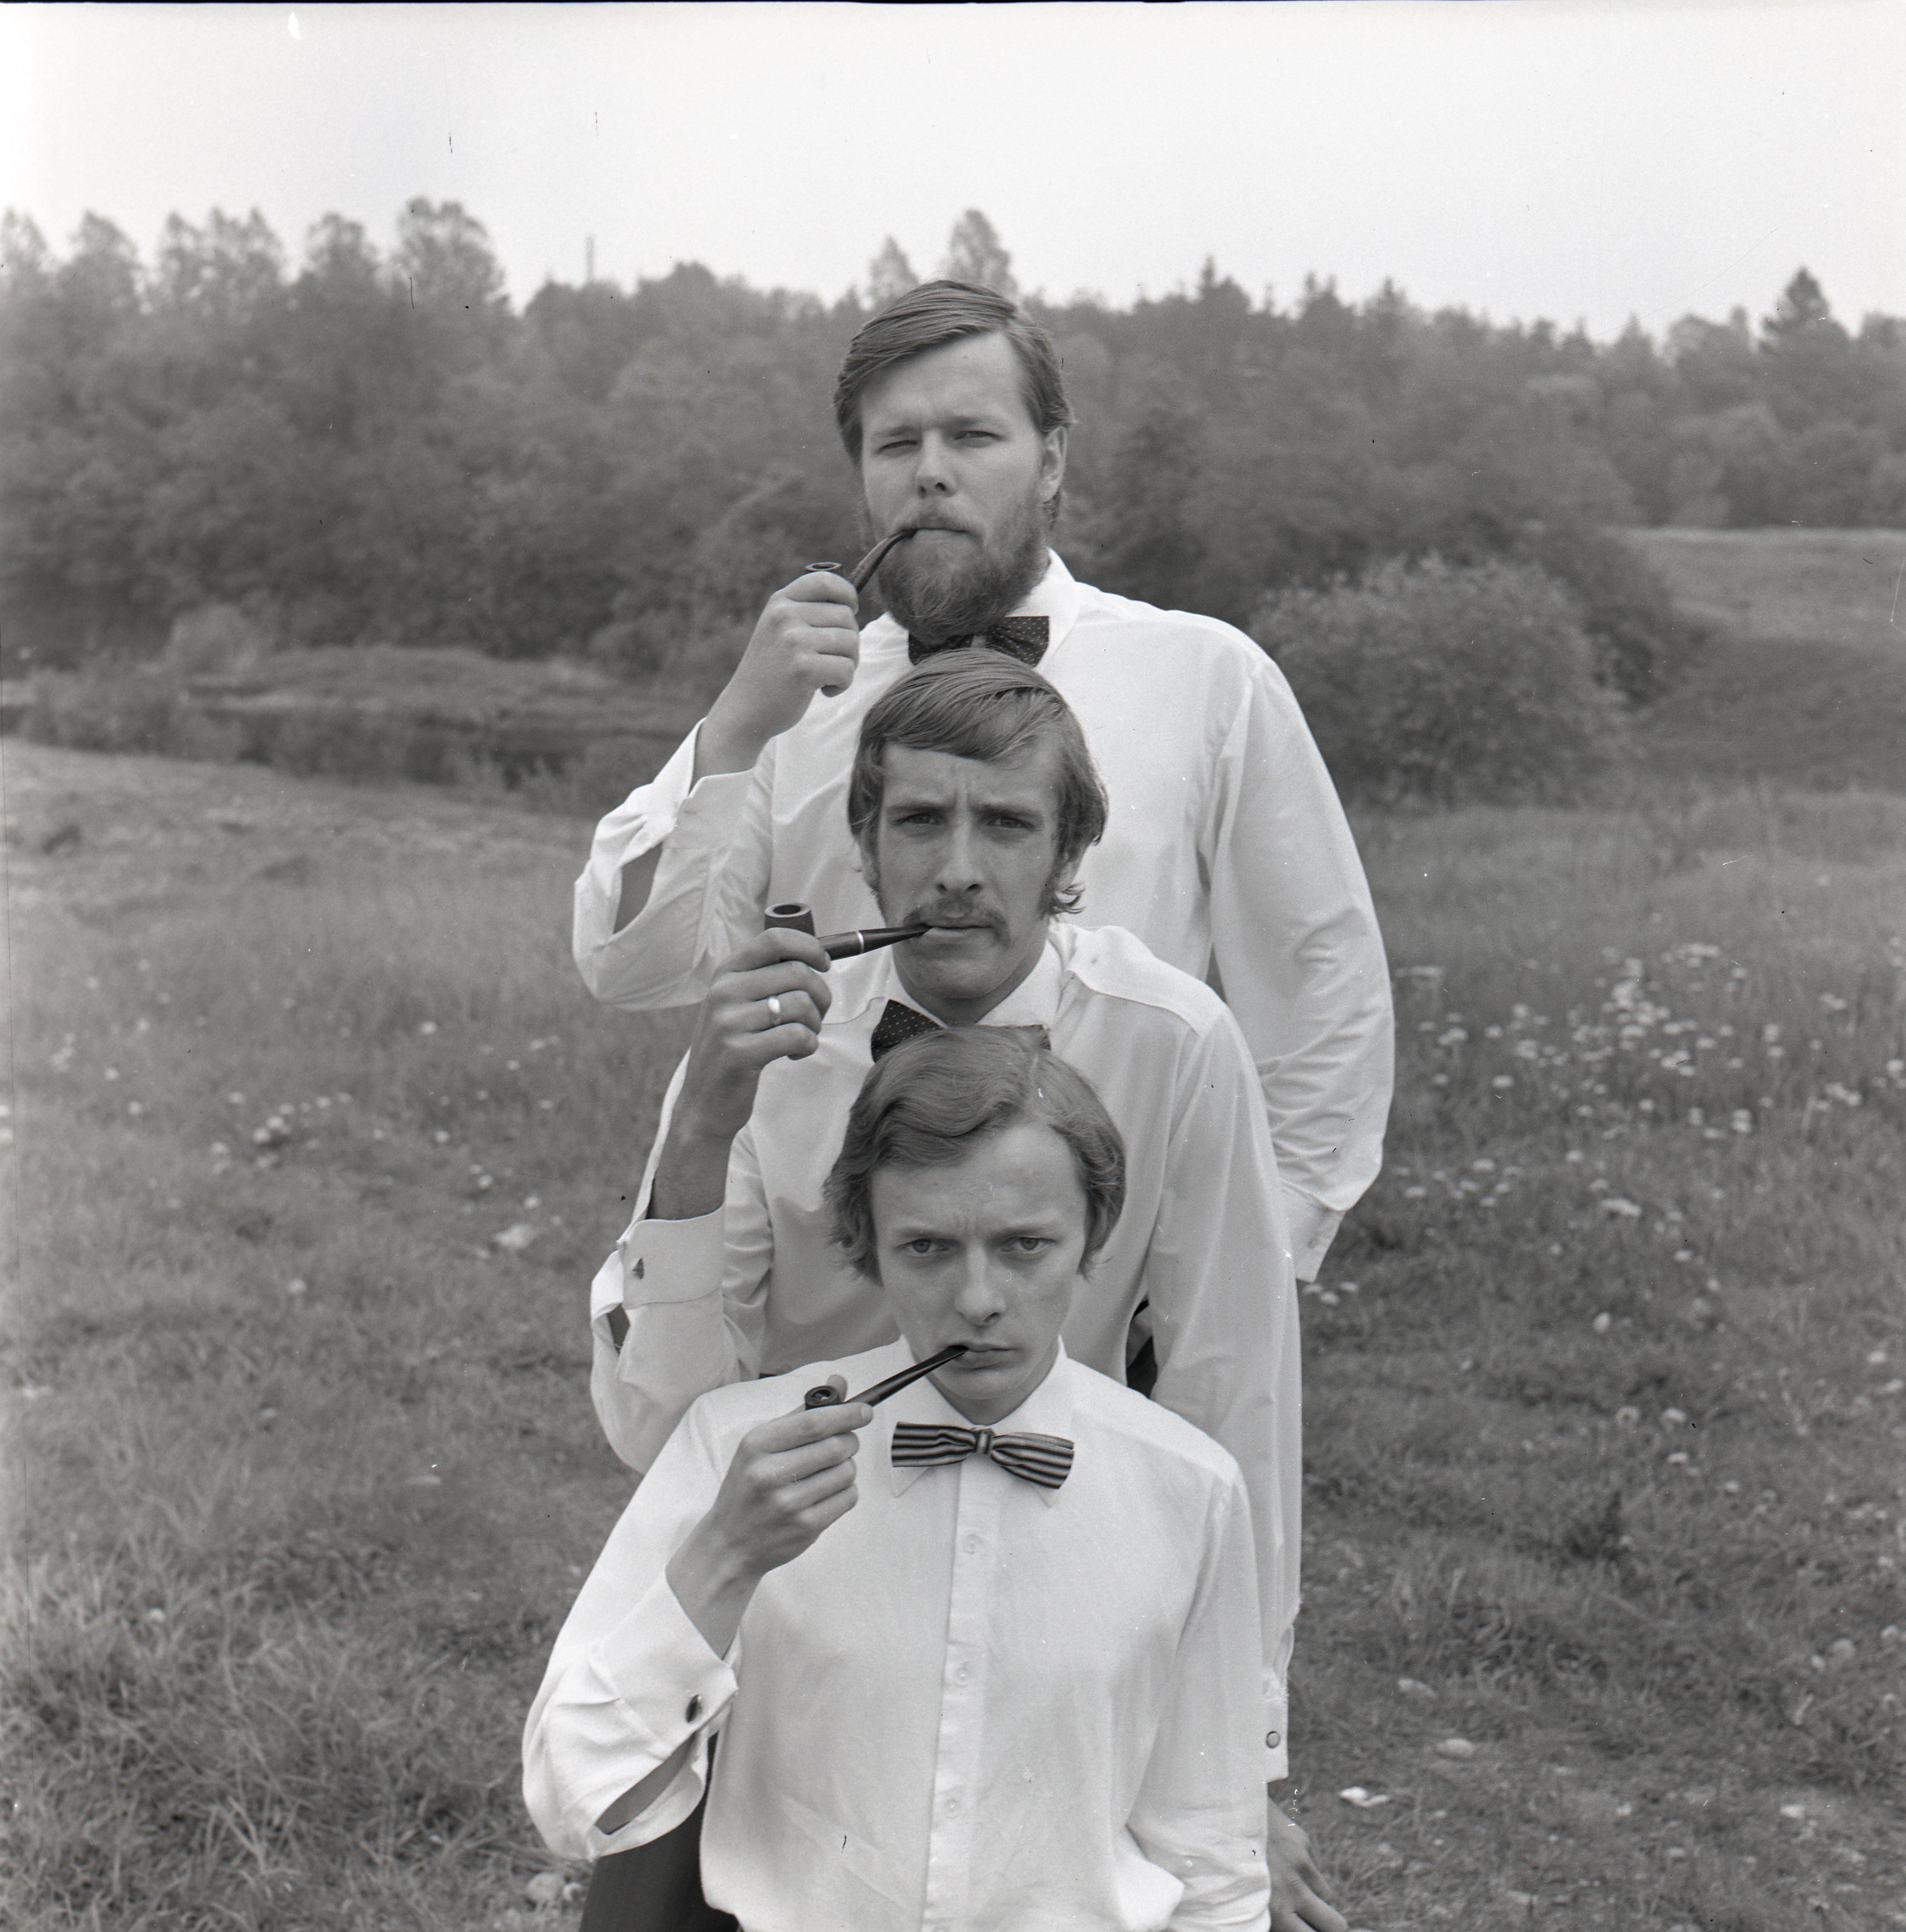 """EFA 0-95066. 1972. aastal tegutsenud ansambel """"Amor Trio"""" – Tõnis Rätsep, Lembit Ulfsak ja Juhan Viiding. Foto: Valdur-Peeter Vahi, 1972"""